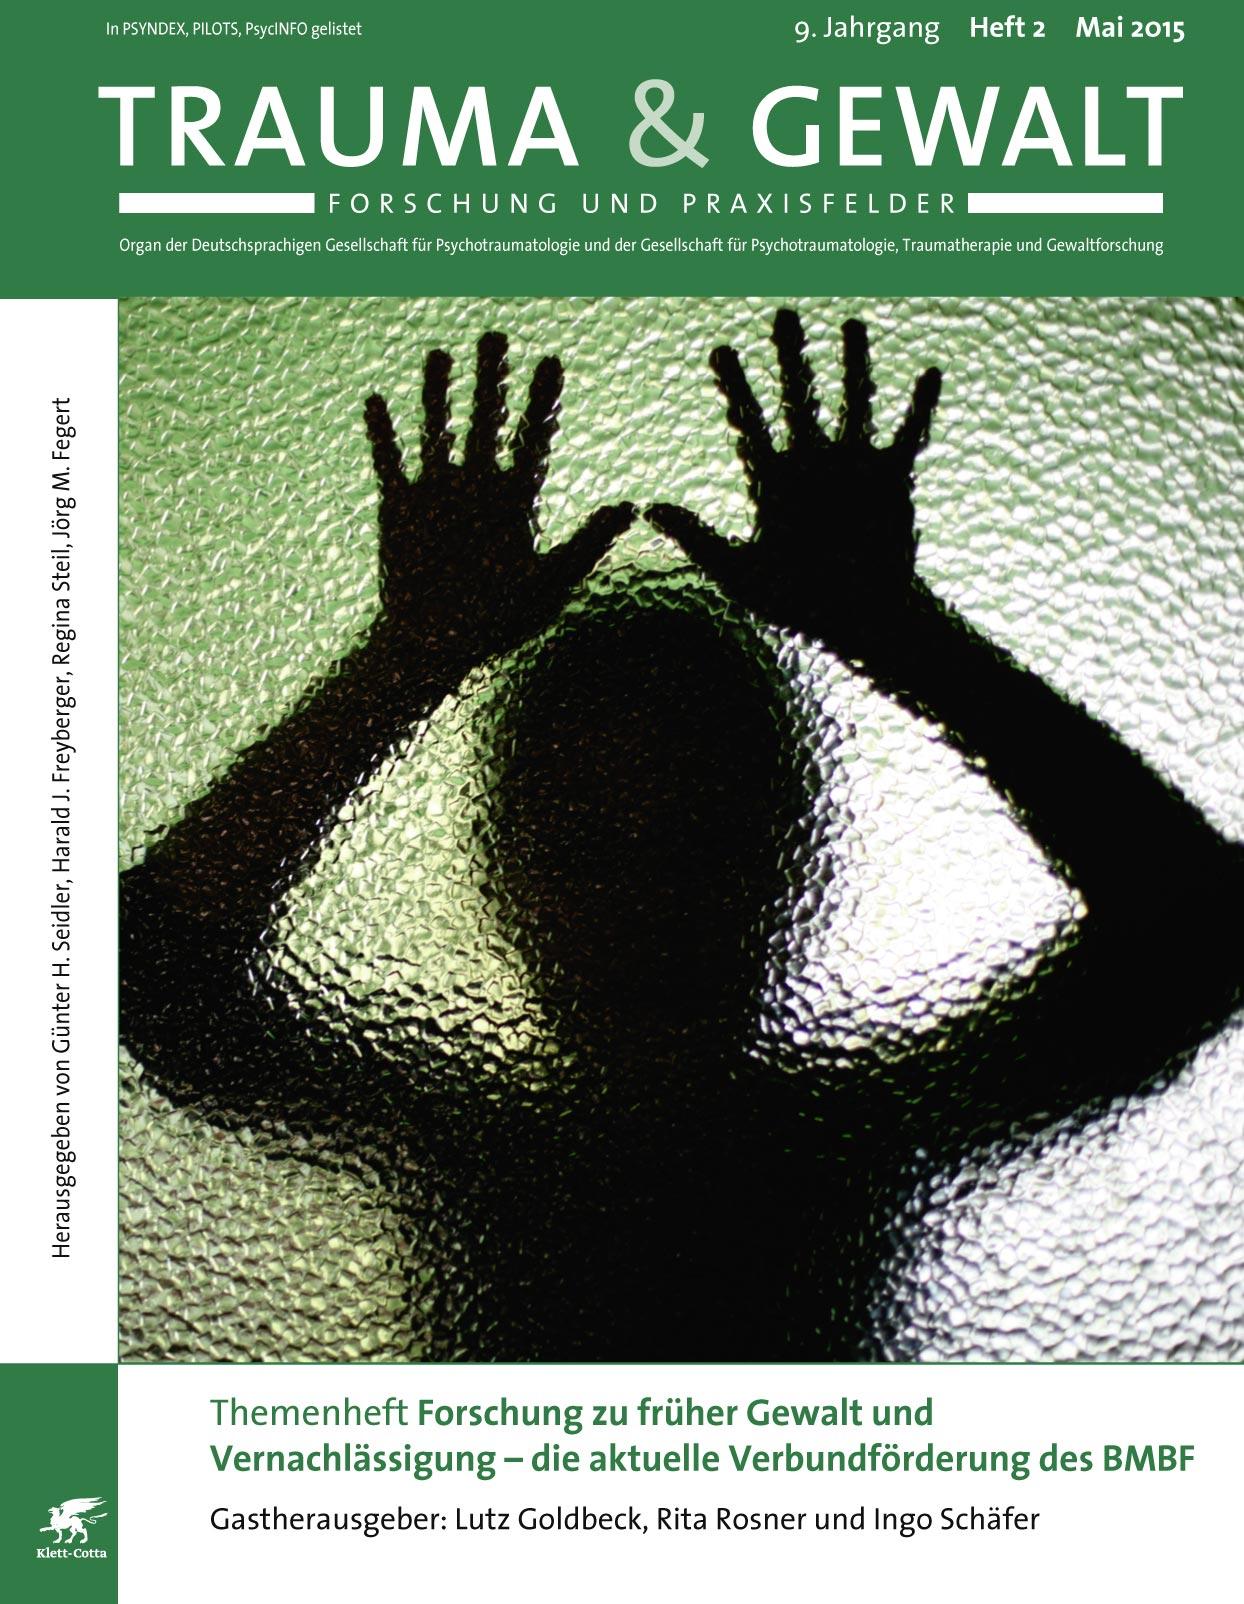 Trauma & Gewalt